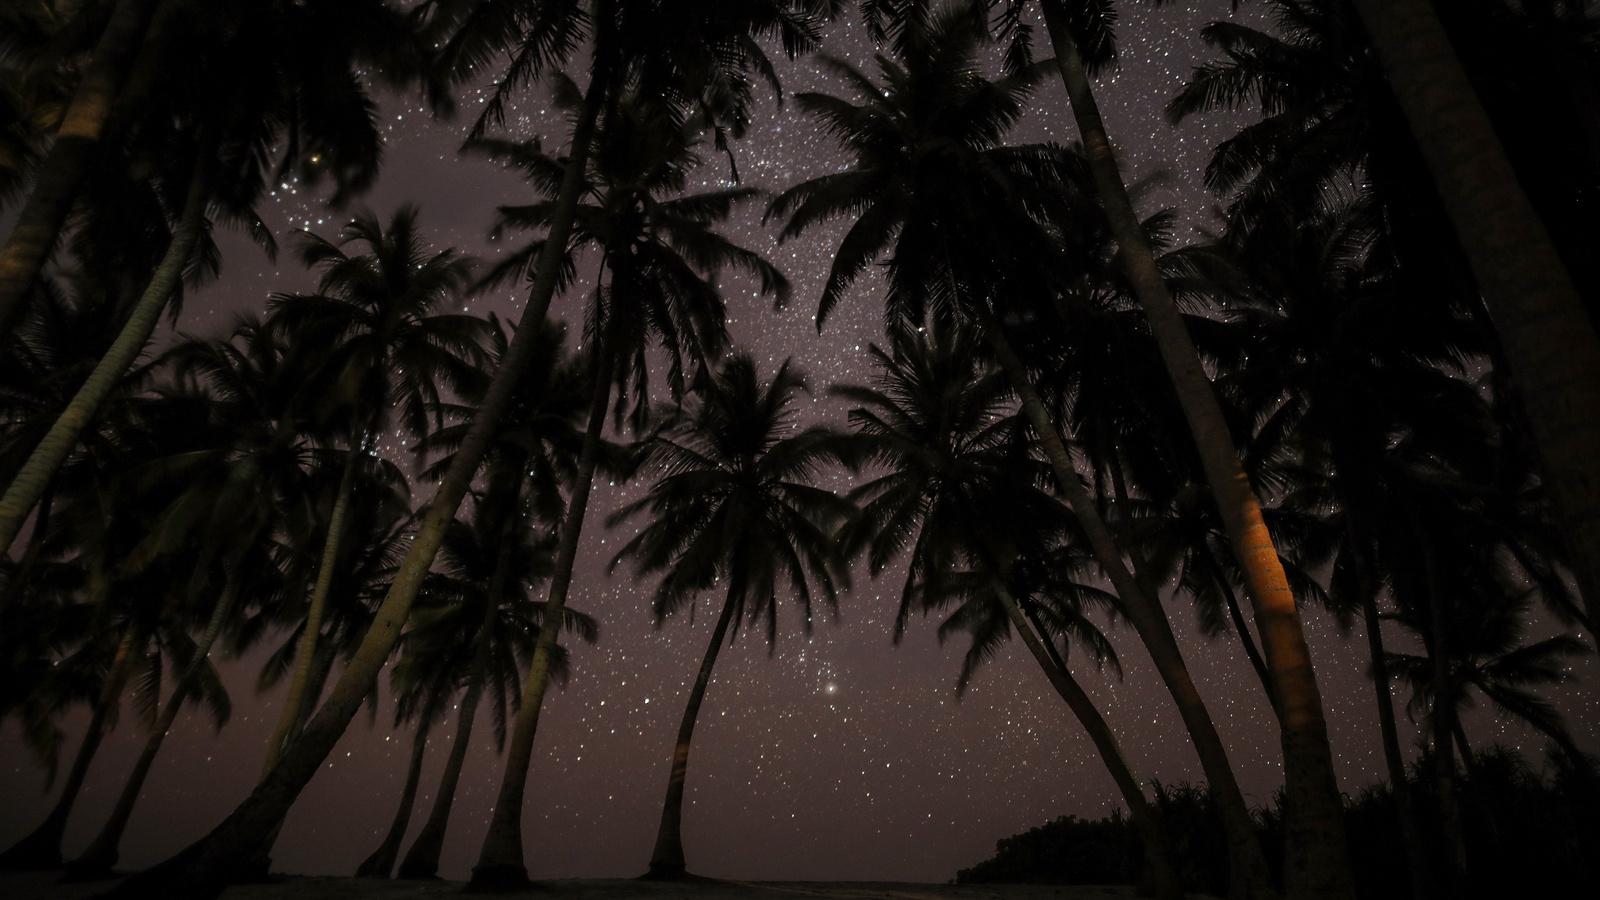 природа, пейзаж, красота, ночь, ночной, тропики, тропический, лес, джунгли, пальмы, пальма, звёзды, звезда, звёздный, свет, небо, тьма, мрак